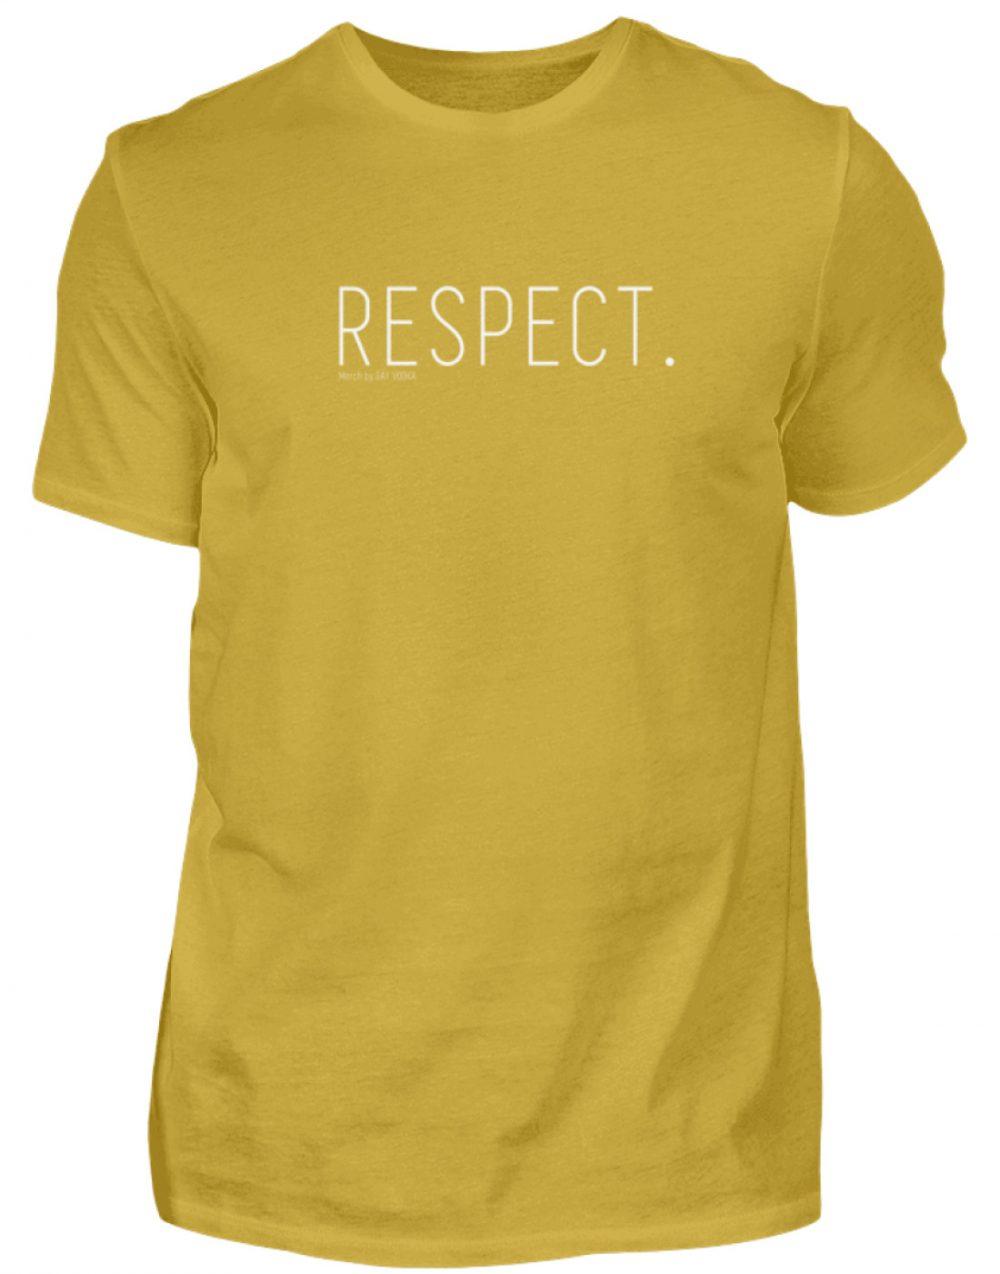 RESPECT. - Herren Premiumshirt-2980